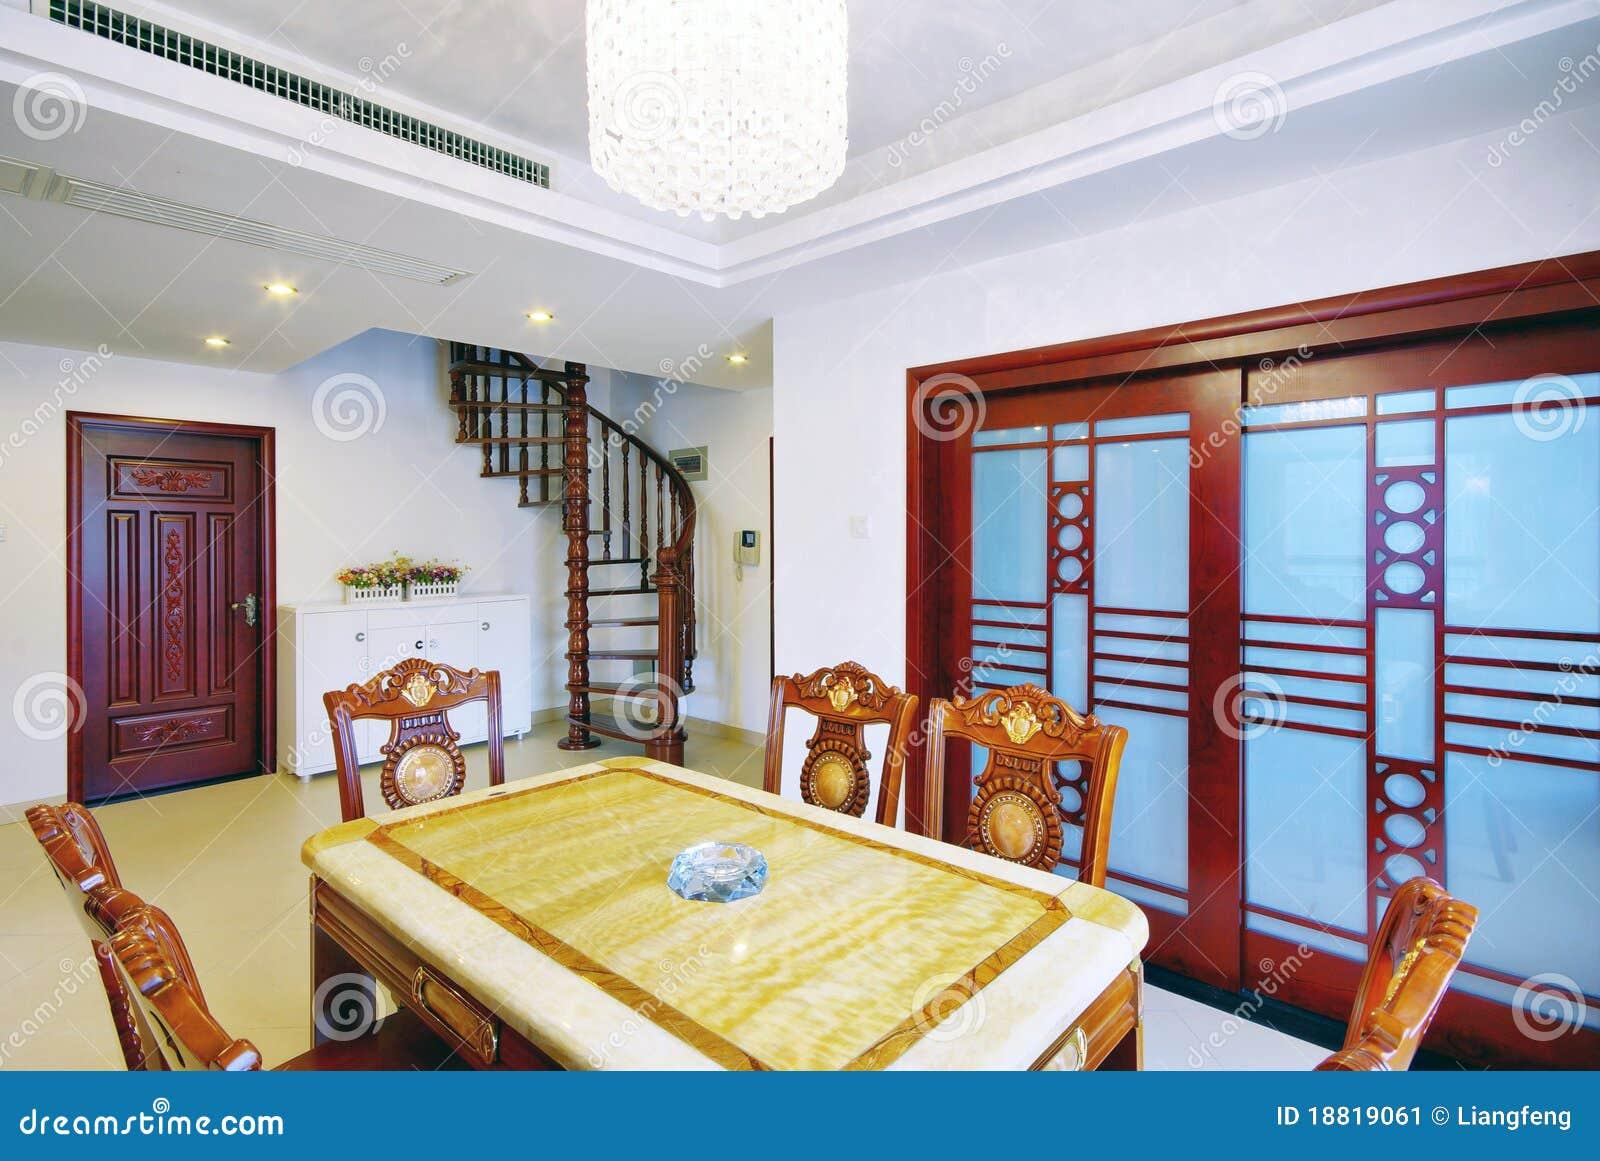 moderne binnenhuisarchitectuur stock afbeelding